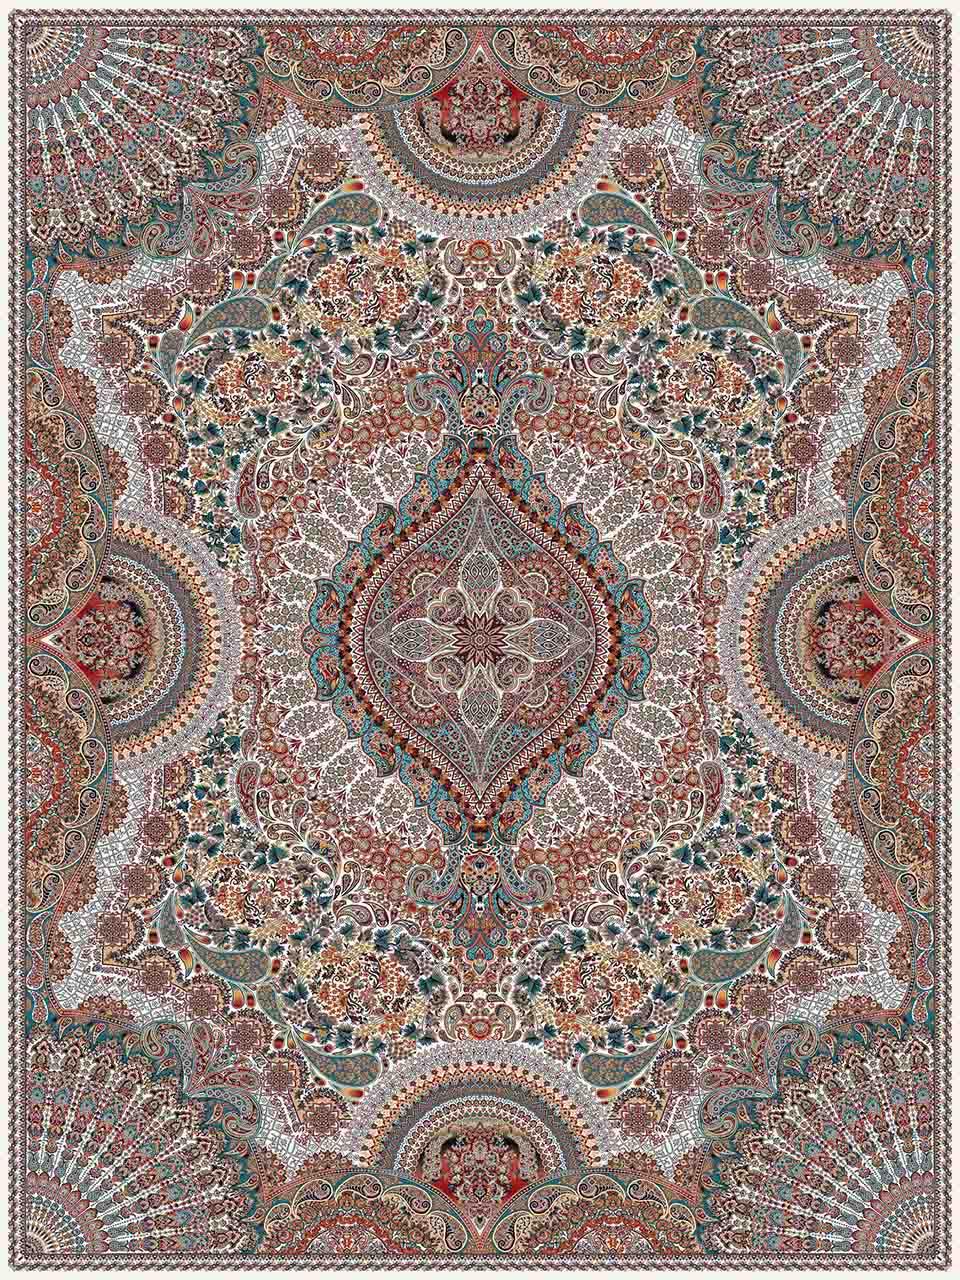 فرش (25009) اکریلیک - 8 رنگ - 700 شانه - كرم آبي - تراکم 2550